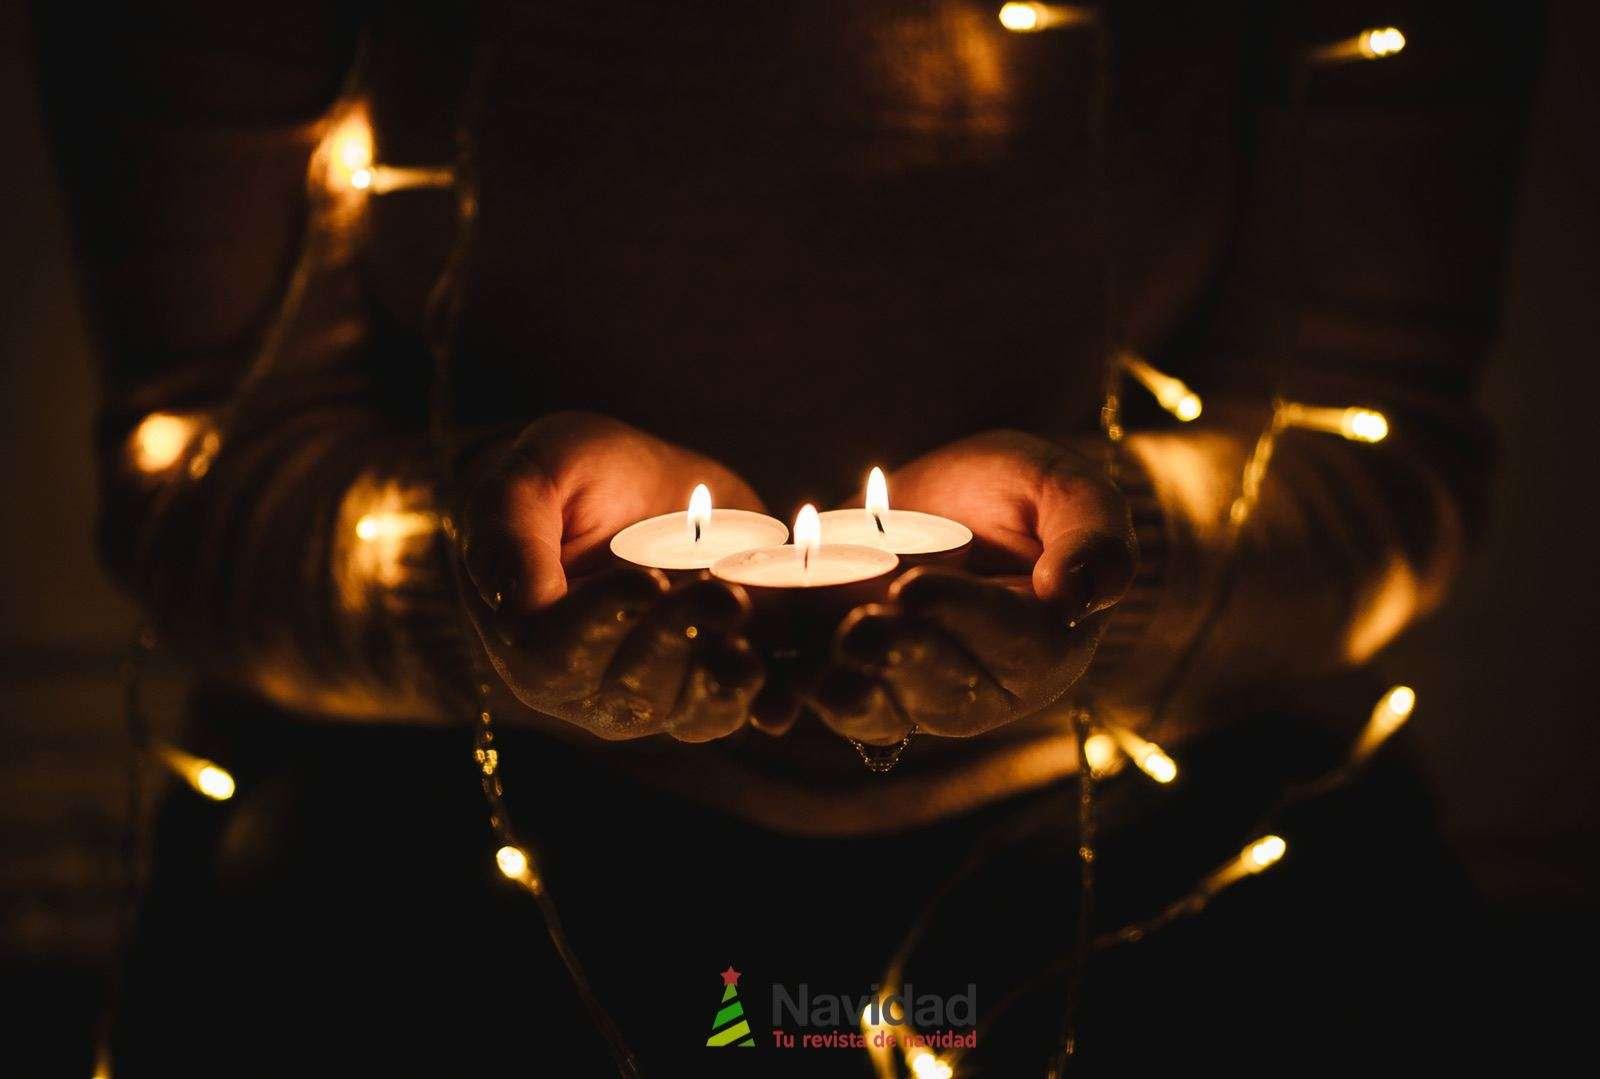 Chimeneas de Navidad para decorar y dar calor en fiestas 63